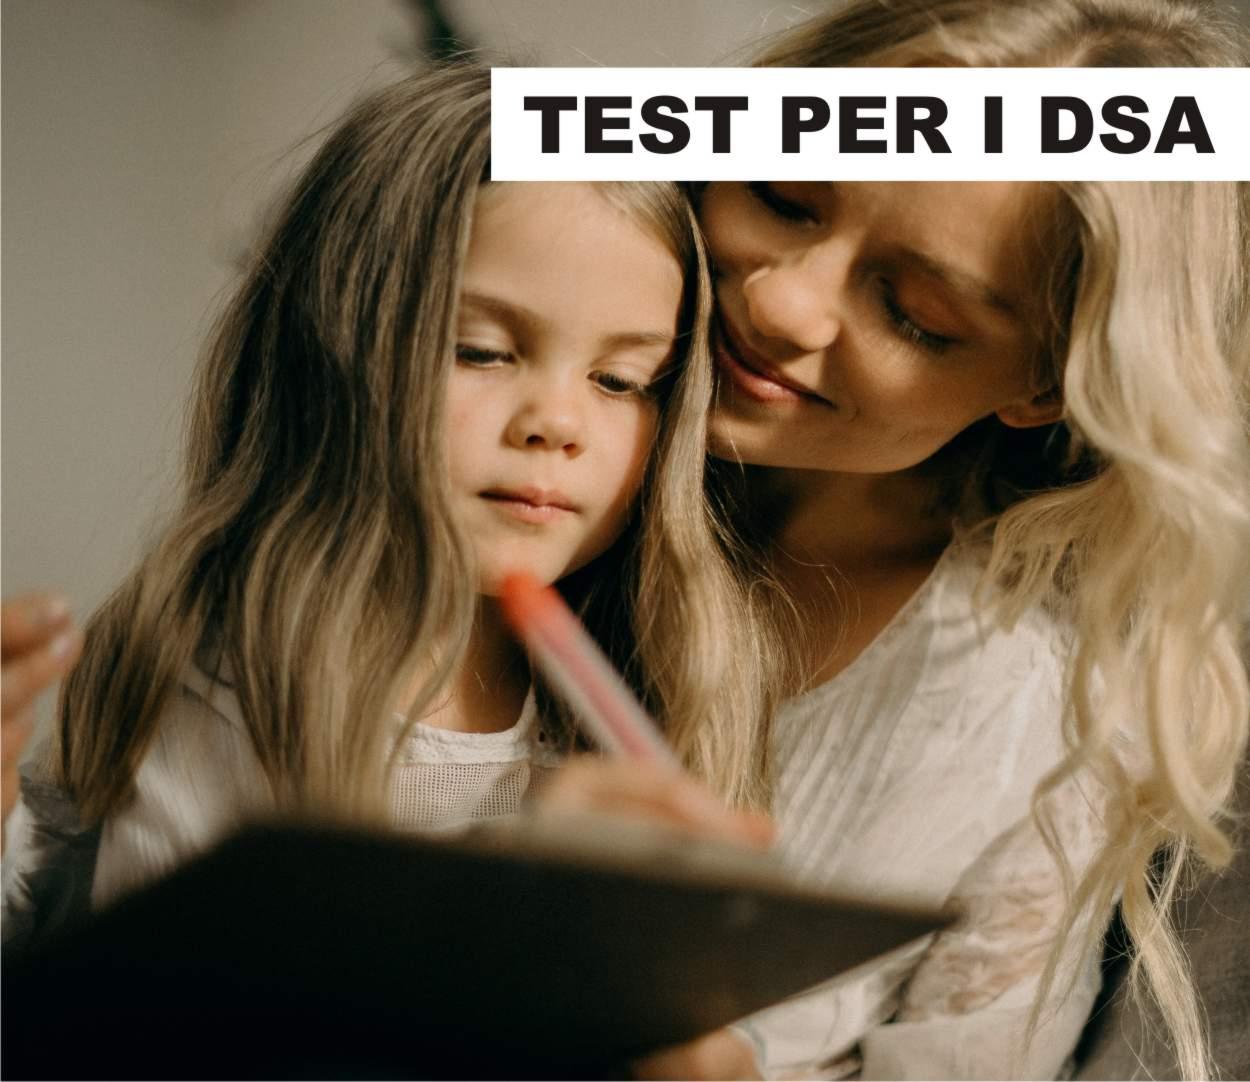 test per dsa